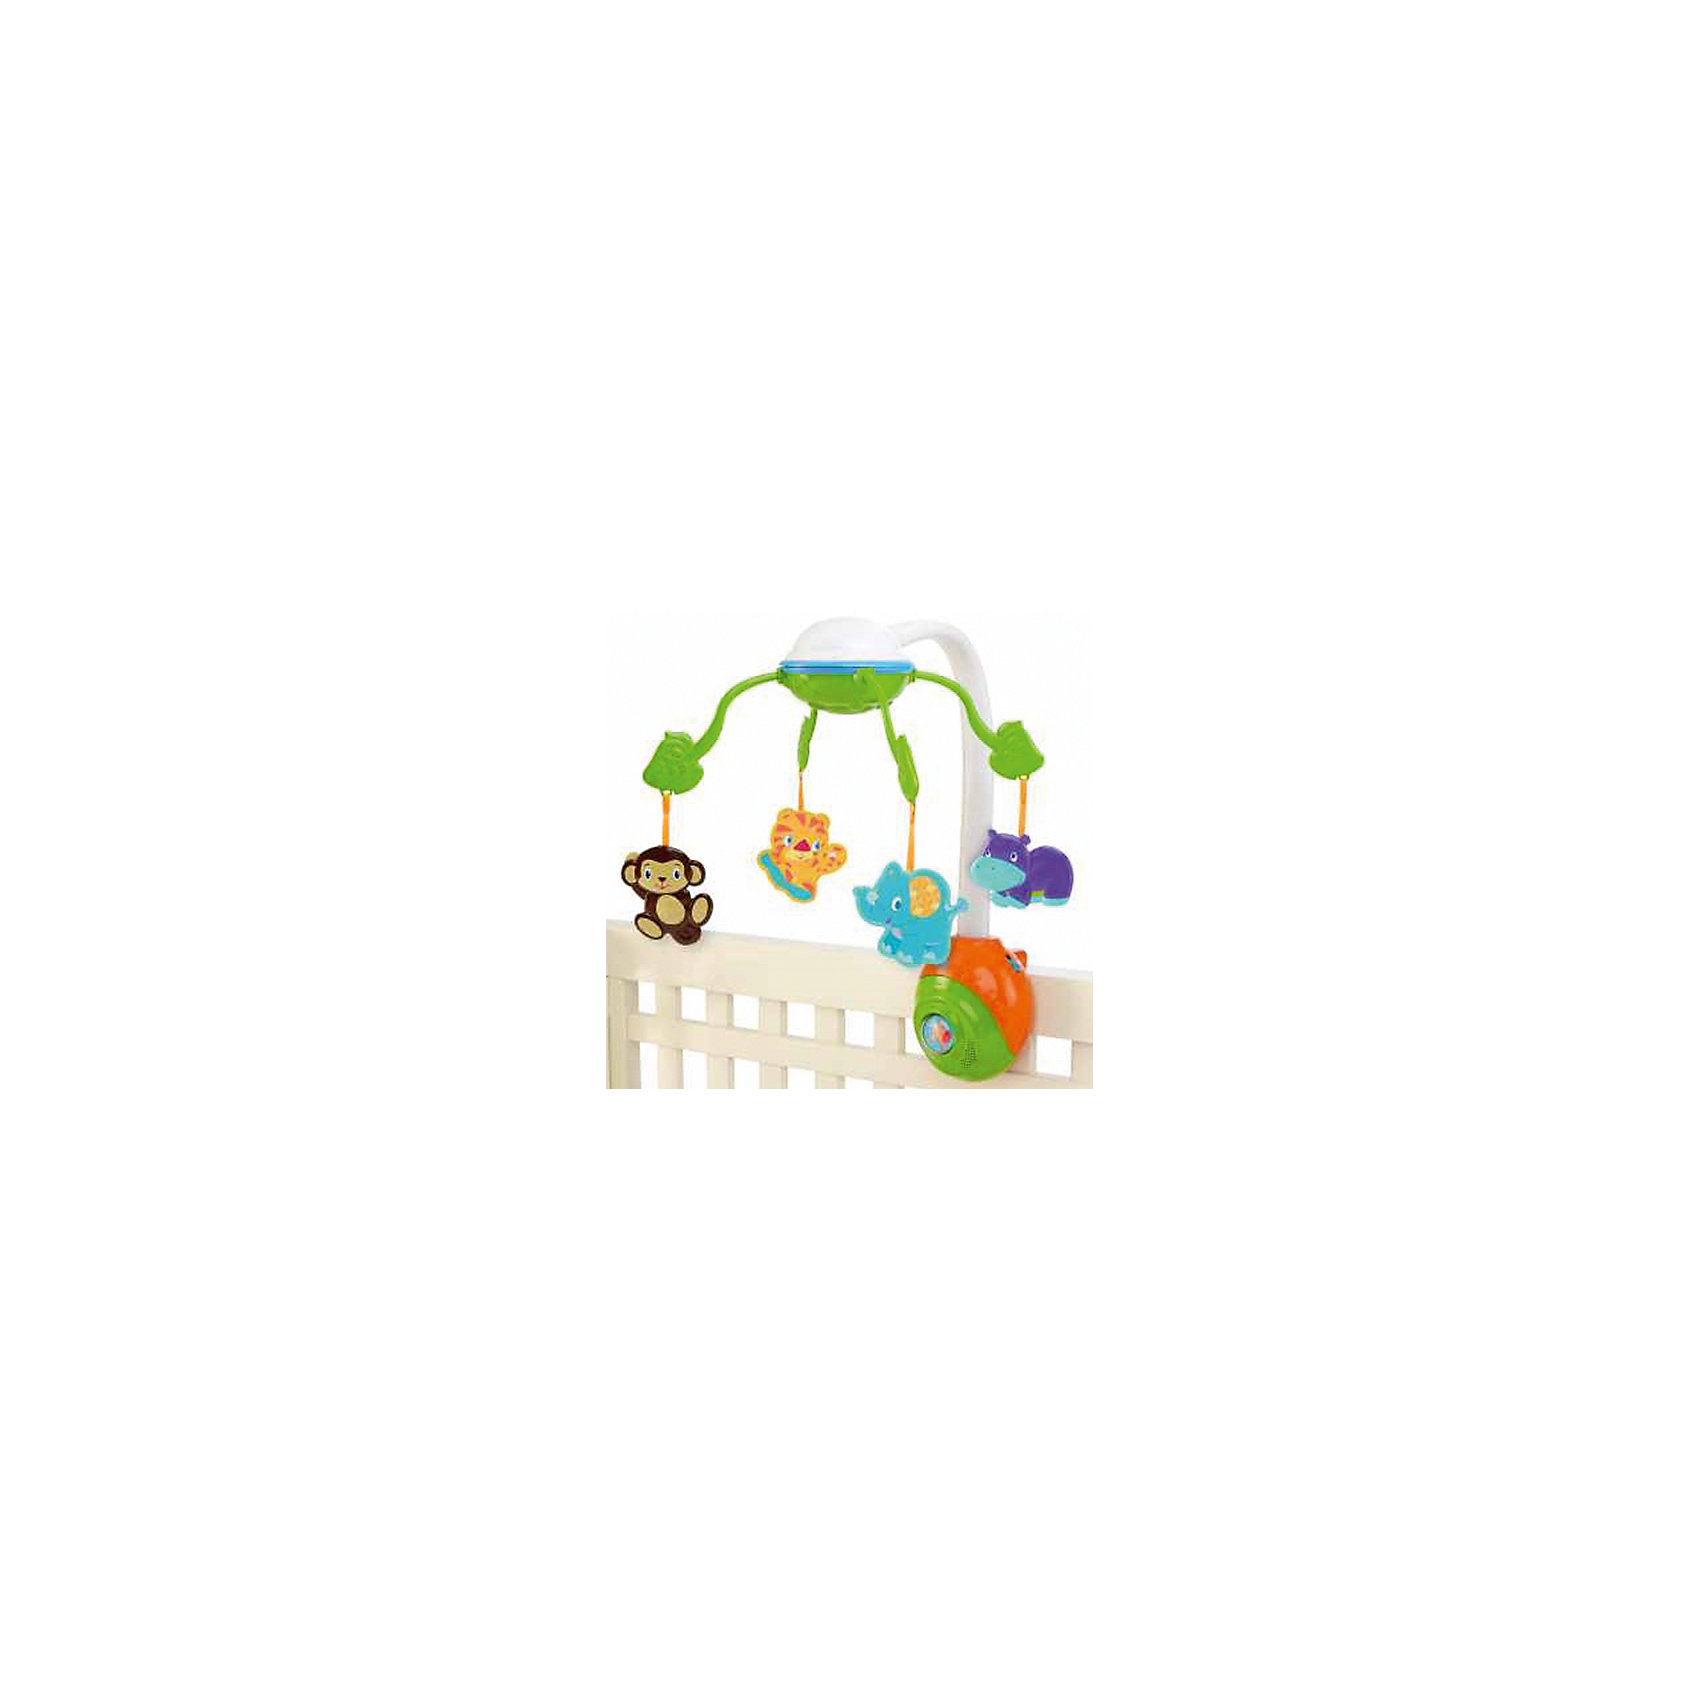 Музыкальный мобиль Сафари (5 мелодий, зеркало), Bright StartsМобили<br>Музыкальный мобиль Сафари (5 мелодий, зеркало), Bright Starts<br><br>Характеристики:<br><br>• Количество мелодий: 5<br>• Возраст: от 0 месяцев<br>• Количество деталей: мобиль с музыкальным блоком, 4 подвески.<br>• Наличие батареек: не входят в комплект.<br>• Тип батареек: 3 х С / LR14 1.5V (малые бочонки).<br>• Состав: пластик.<br>• Размер упаковки: 38 х 10 х 28 см.<br>• Размер игрушки: 48 x 32 x 50 см.<br>• Упаковка: картонная коробка.<br>• Страна обладатель бренда: США.<br><br>Мобиль с яркими животными оснащен черно-белыми элементами, которые малыш сможет увидеть с первых дней его жизни. Пять успокаивающих мелодий помогут малышу обрести крепкий сон. Кроме этого в комплекте есть зеркальце, сделанное из безопасного материала, который не навредит малышу. Оно привлечет внимание любого малыша и сделает игру еще интереснее. Крепление на кроватку очень надежное и гарантированно не упадет, даже вовремя активной игры.<br><br>Музыкальный мобиль Сафари (5 мелодий, зеркало), Bright Starts можно купить в нашем интернет-магазине.<br><br>Ширина мм: 381<br>Глубина мм: 95<br>Высота мм: 279<br>Вес г: 1428<br>Возраст от месяцев: 0<br>Возраст до месяцев: 60<br>Пол: Унисекс<br>Возраст: Детский<br>SKU: 2609736